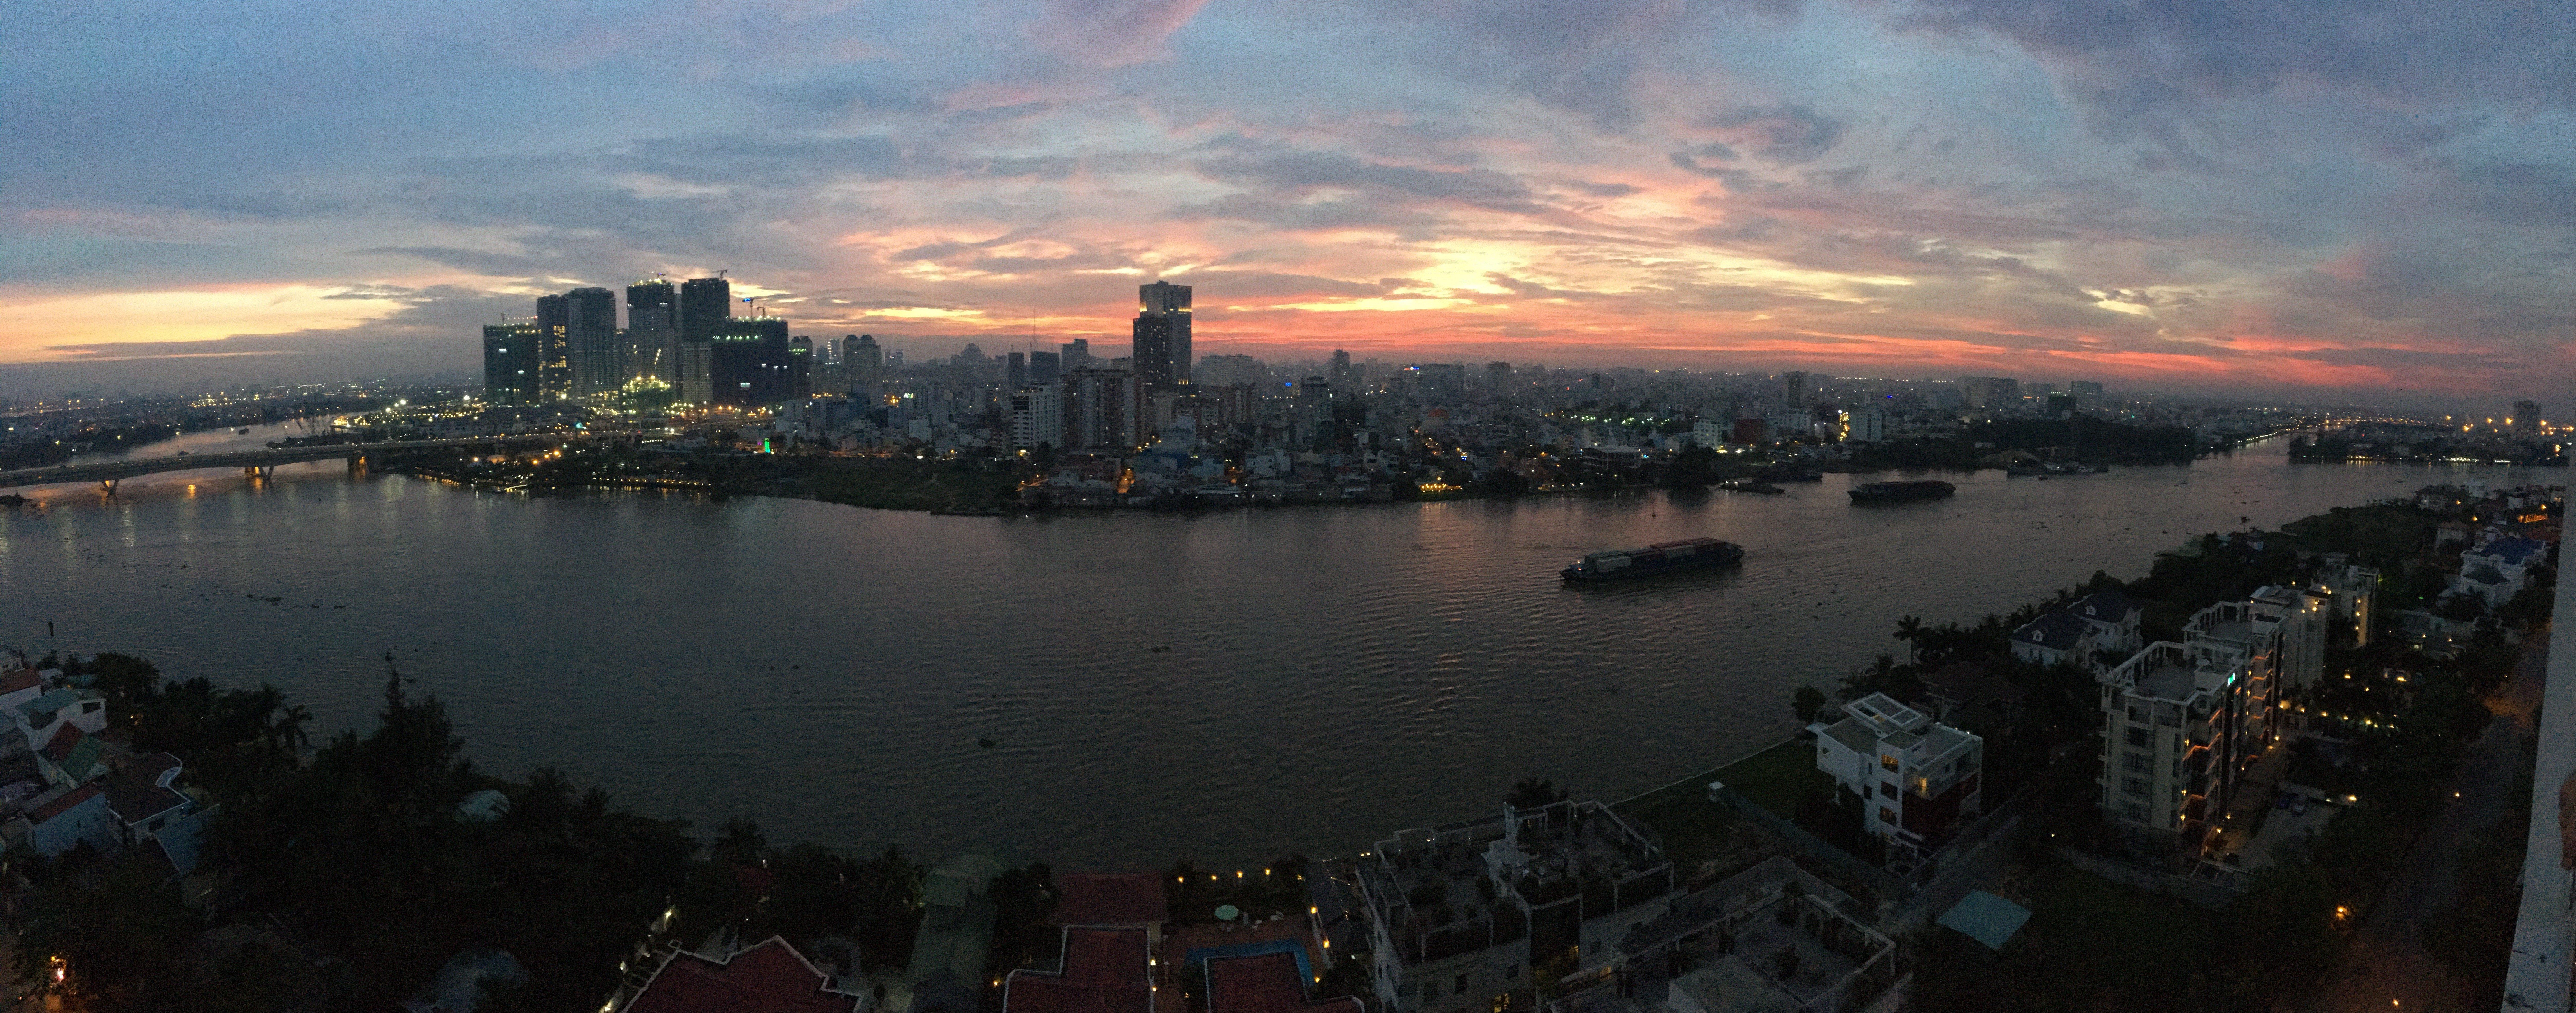 Saigon, Ho Chi Minh City, Sunset, Wide Angle HD Wallpapers